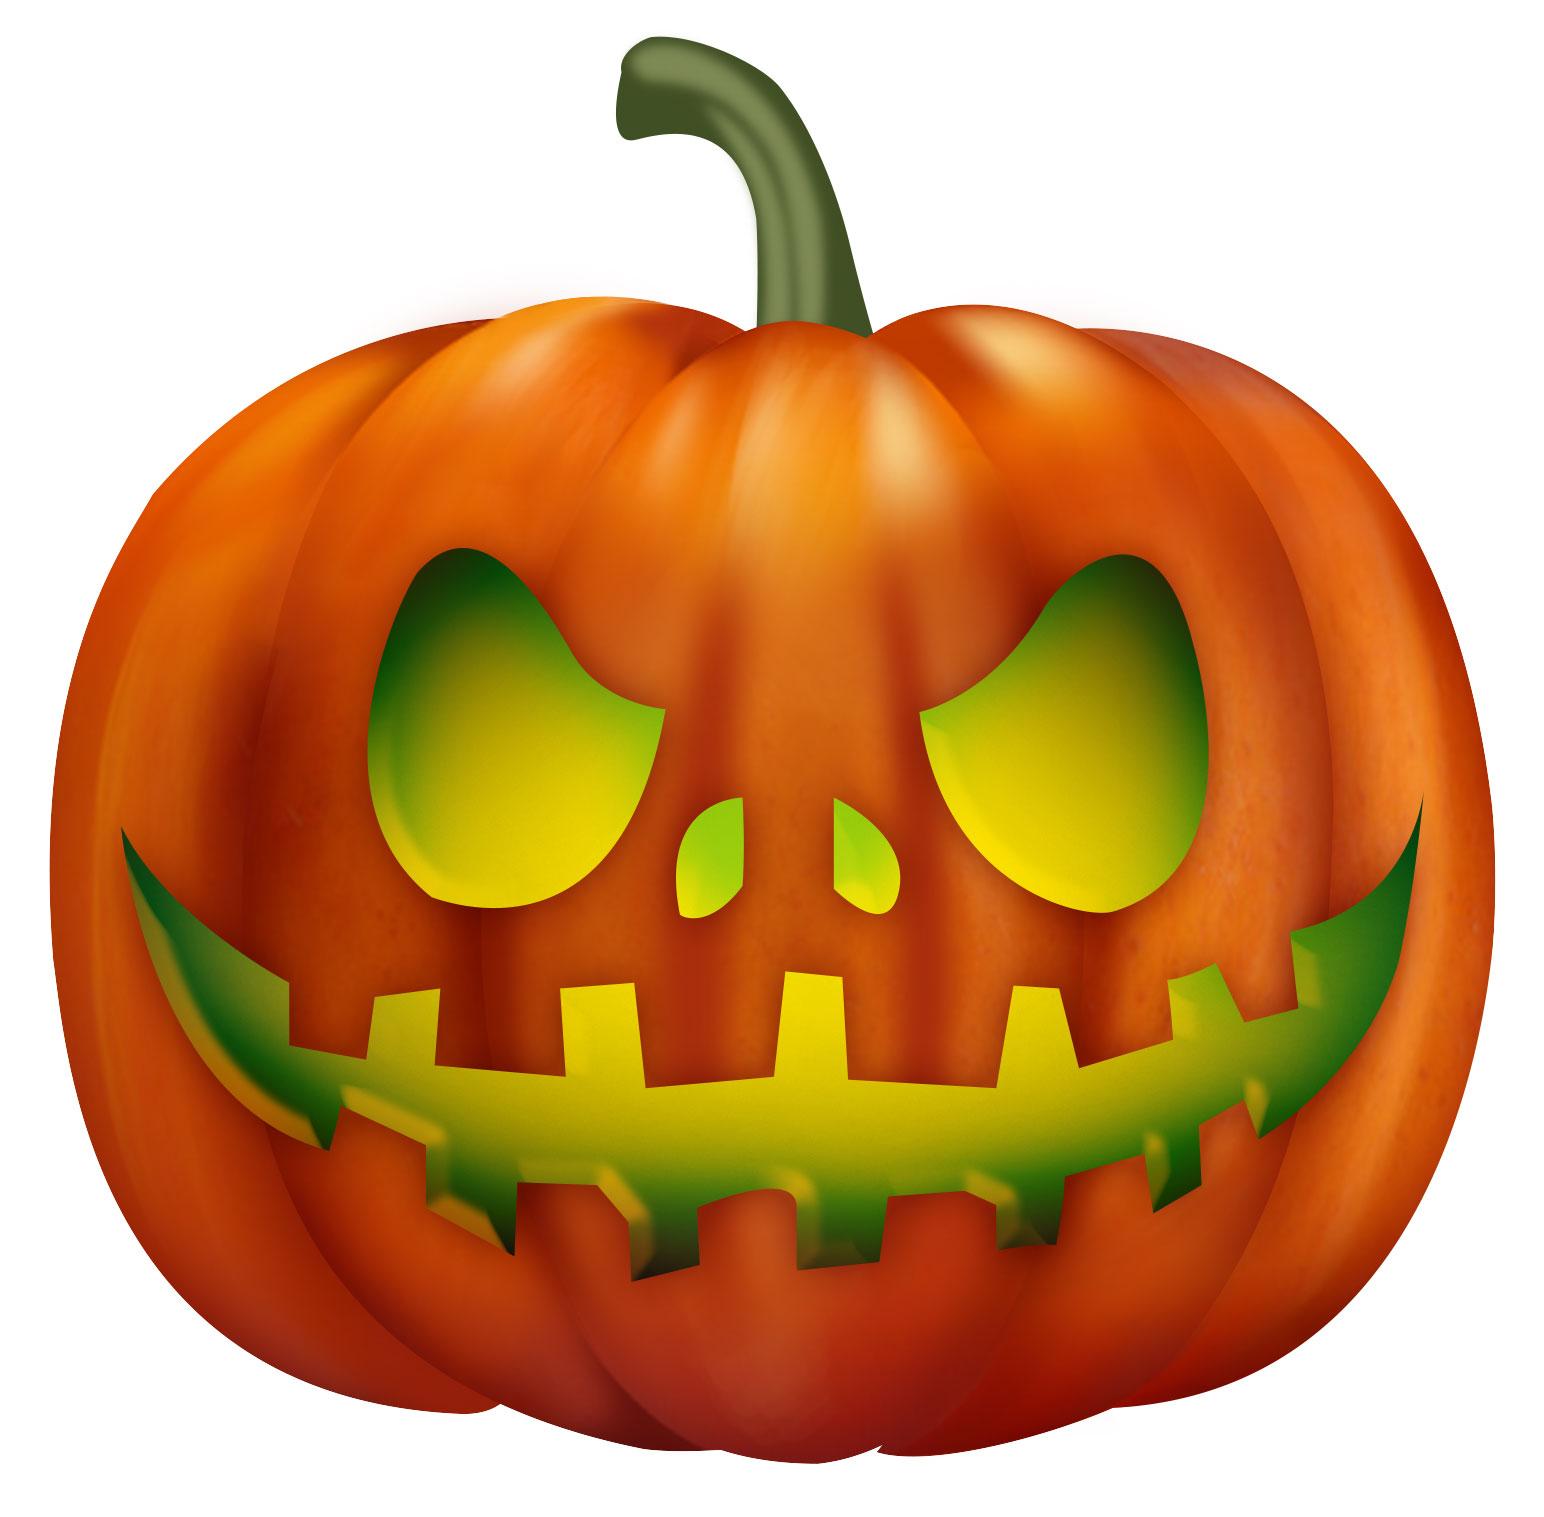 Free Halloween 2013 Pumpkin PSD (Layered) - Designbolts (1544 x 1517 Pixel)